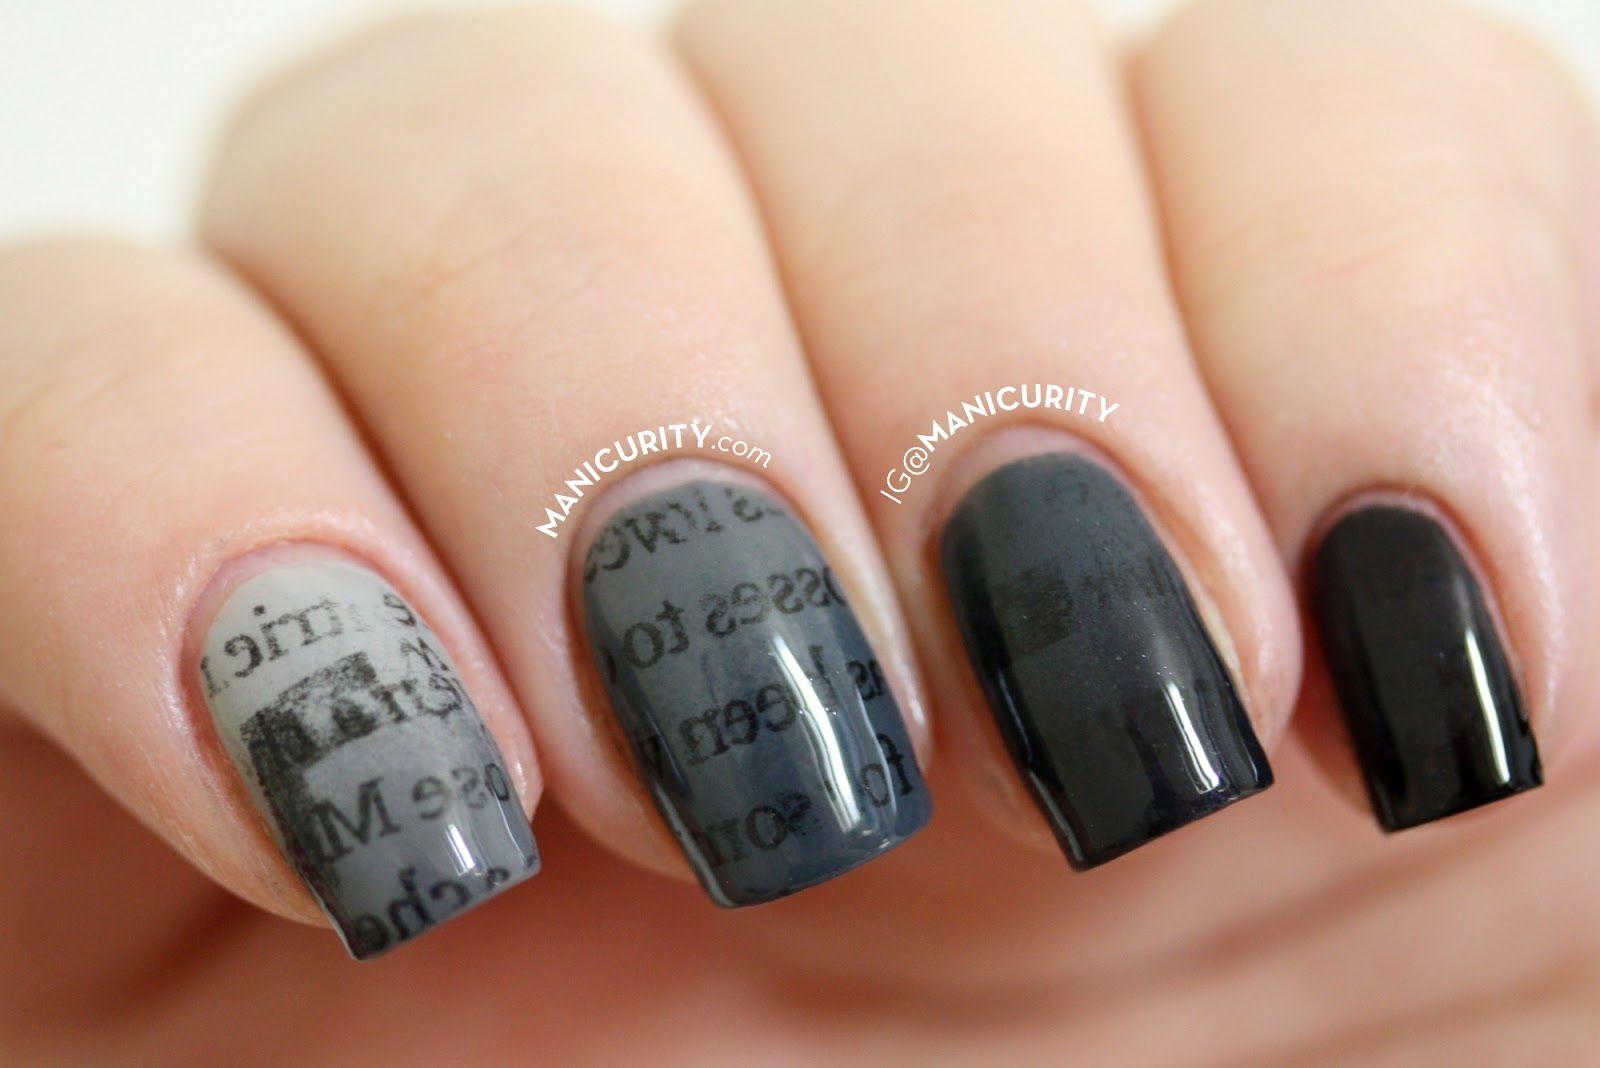 Manicurity | The Digit-al Dozen: Gradient Ombre Newsprint Nails ...